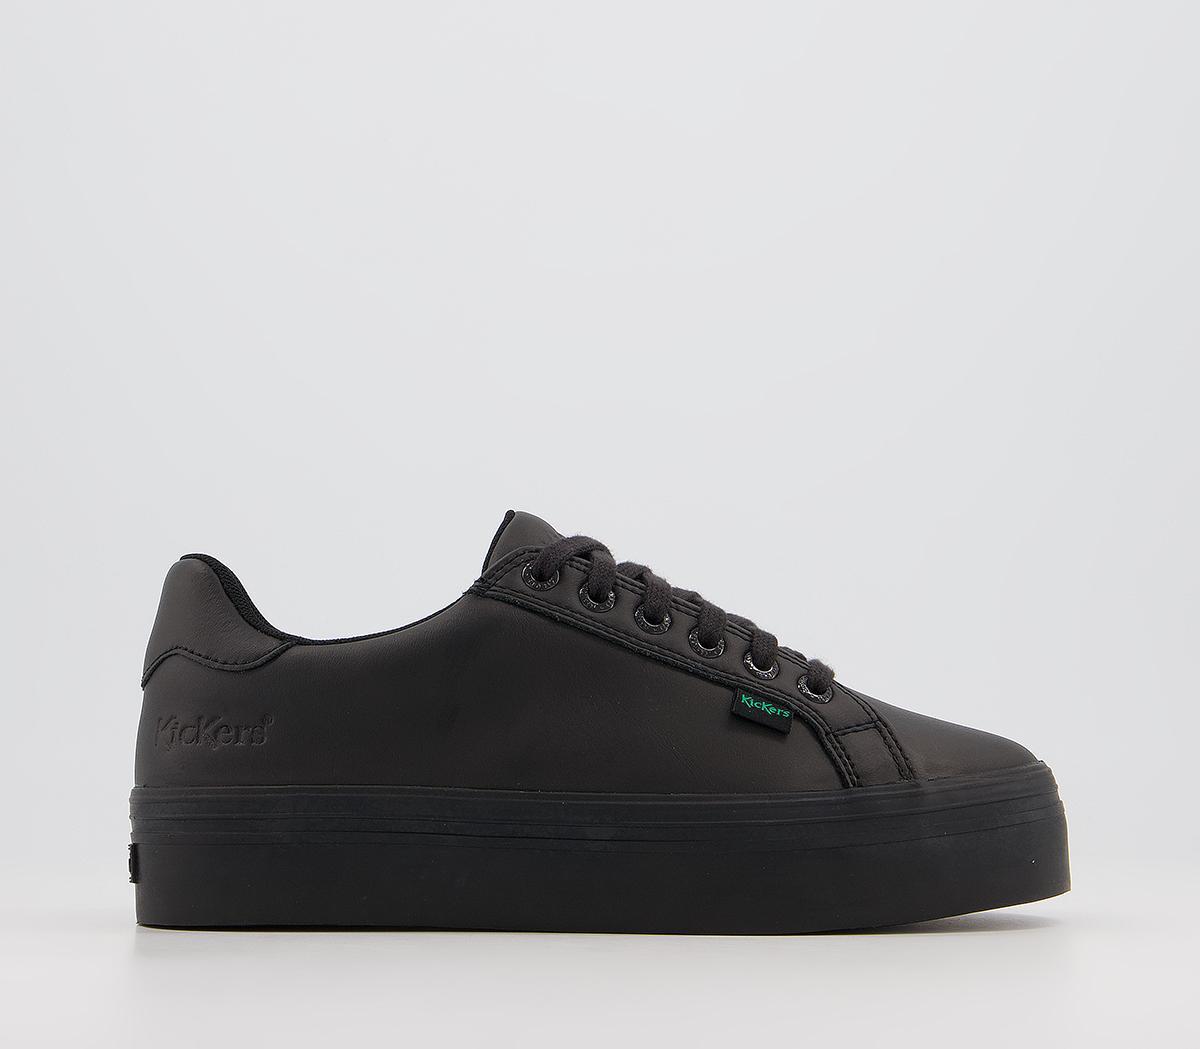 Tovni Platform Leather Shoes